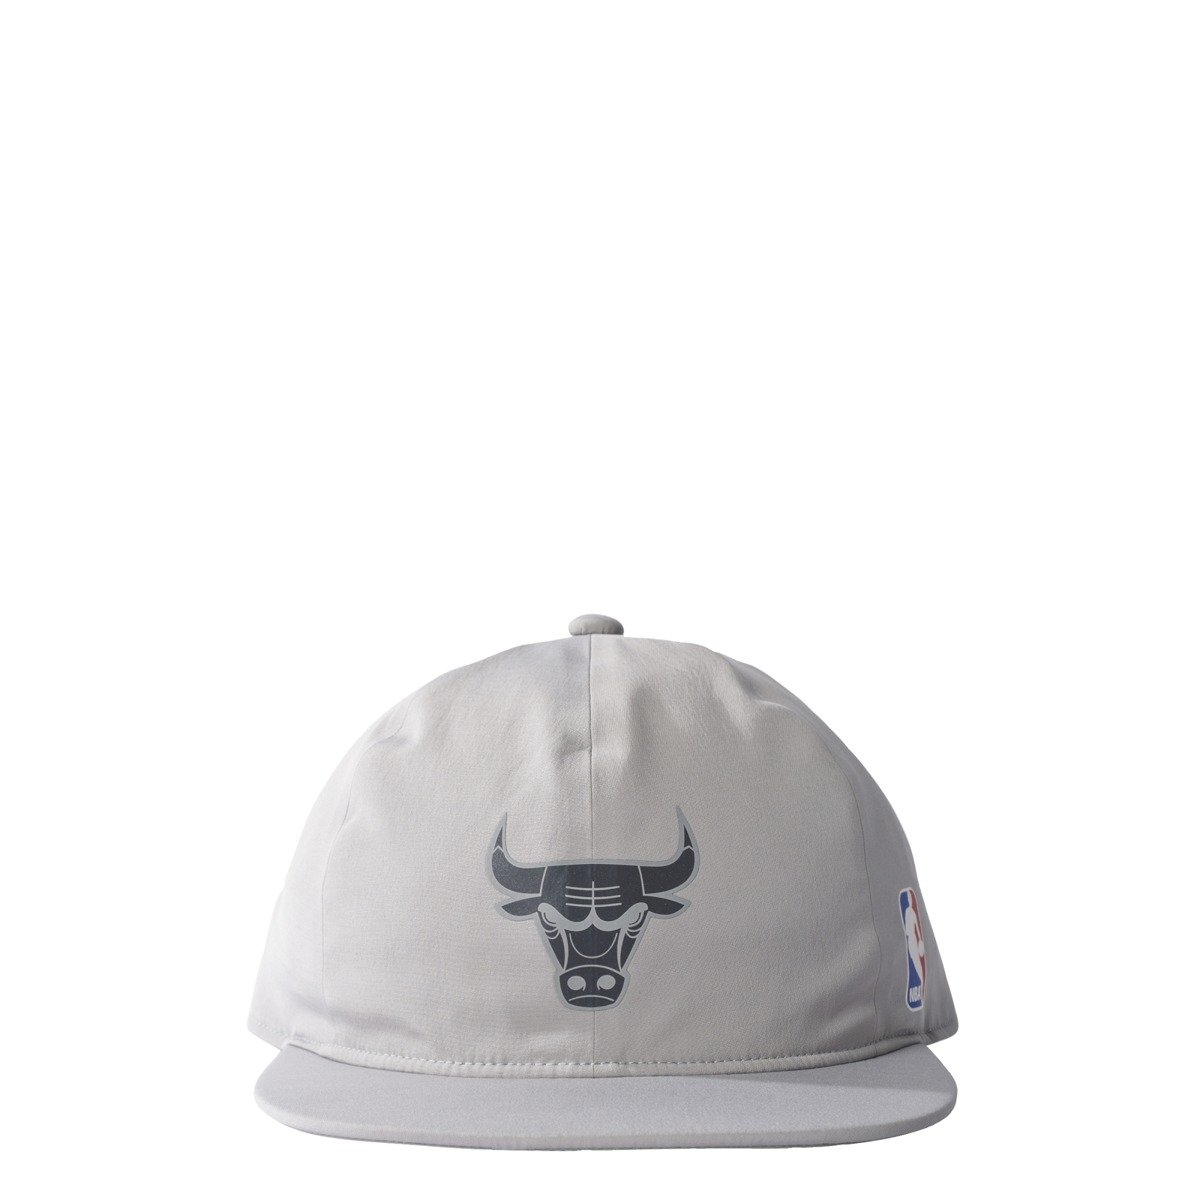 ... NBA Adidas Chicago Bulls Snapback Berretto - BK7413 Clicca per  espandere ... 77a13248d8b5